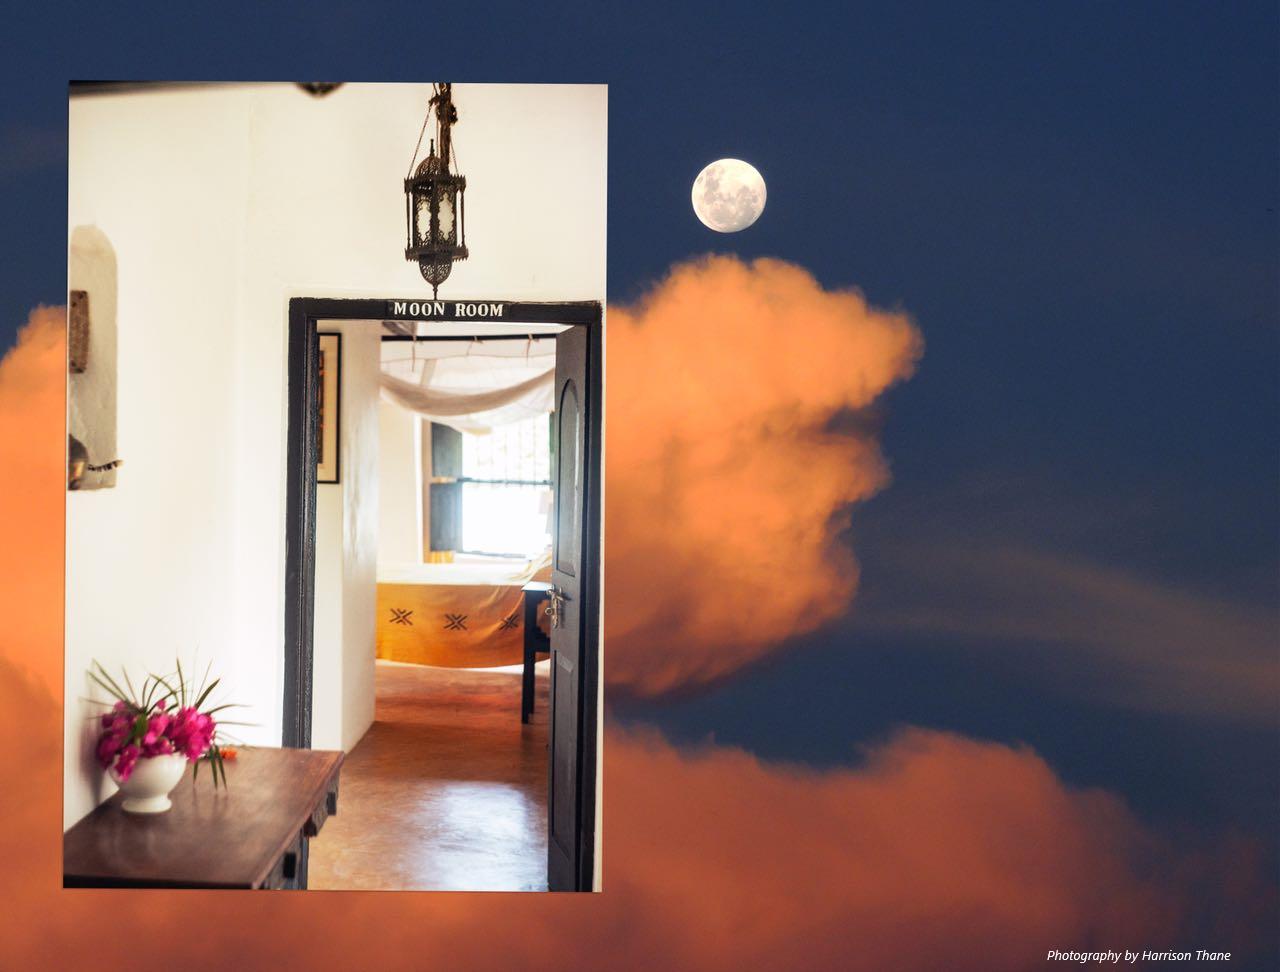 Moon room 2